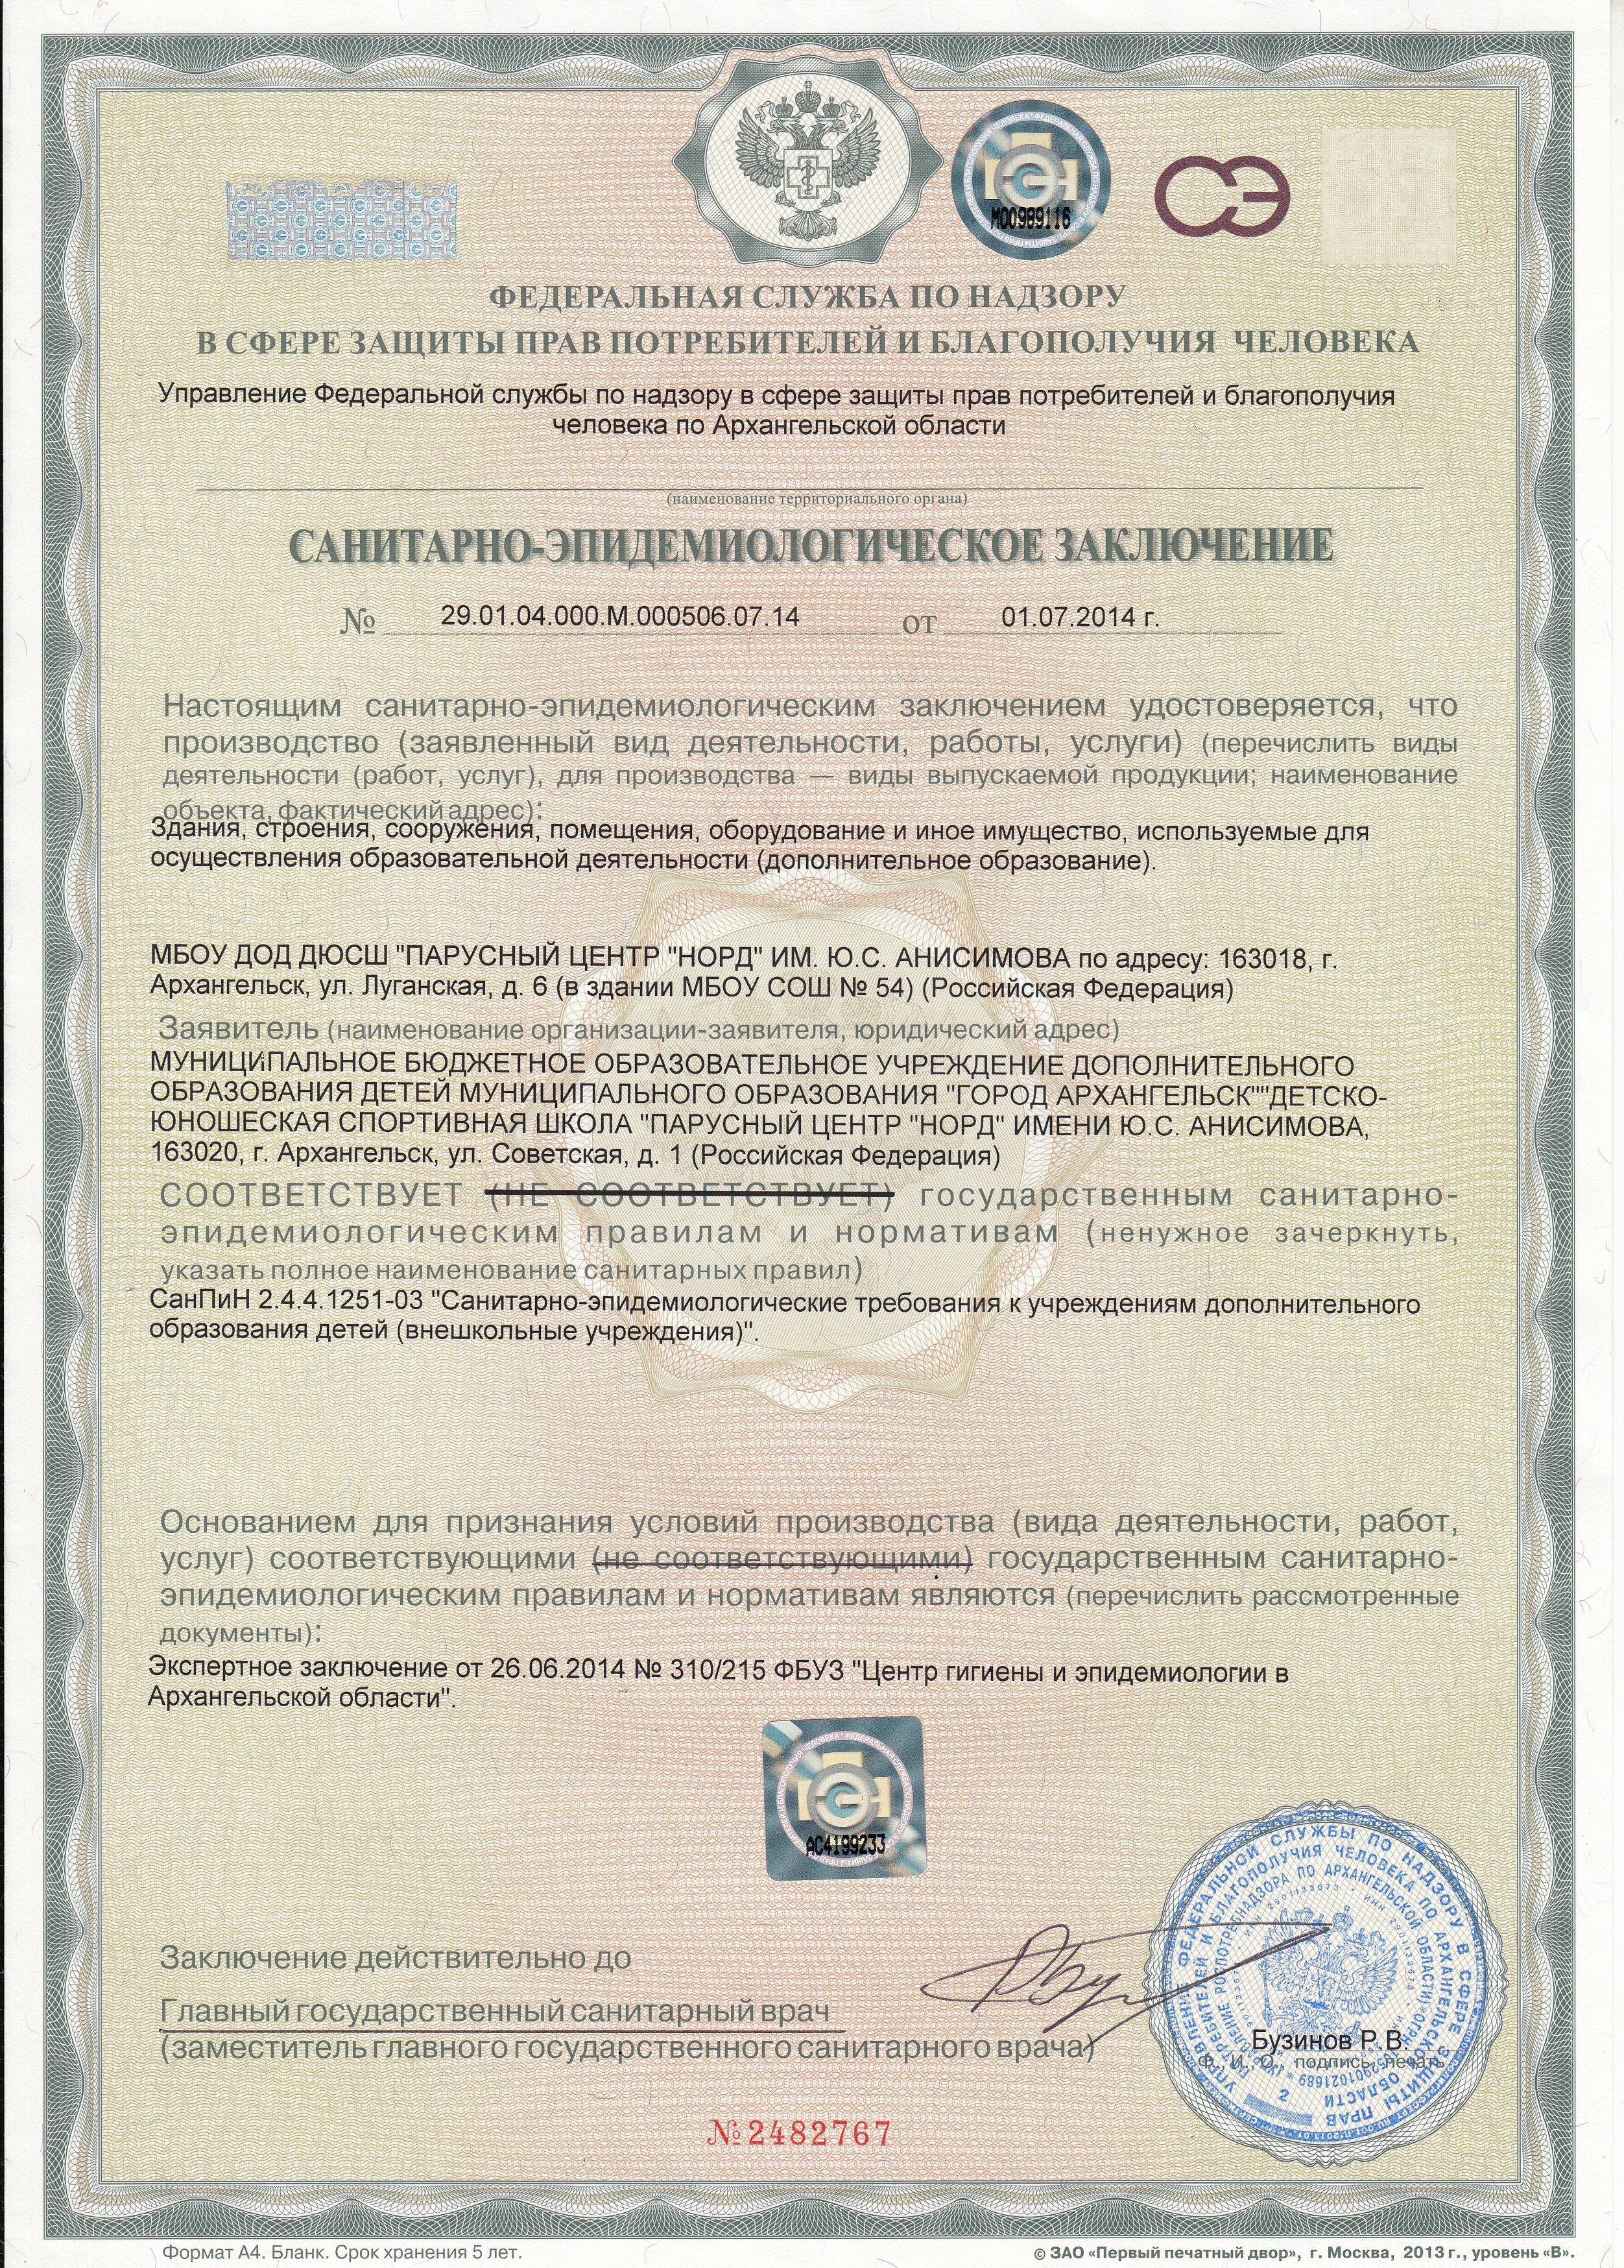 Санитарно-эпидемиологическое заключение ДЮСШ